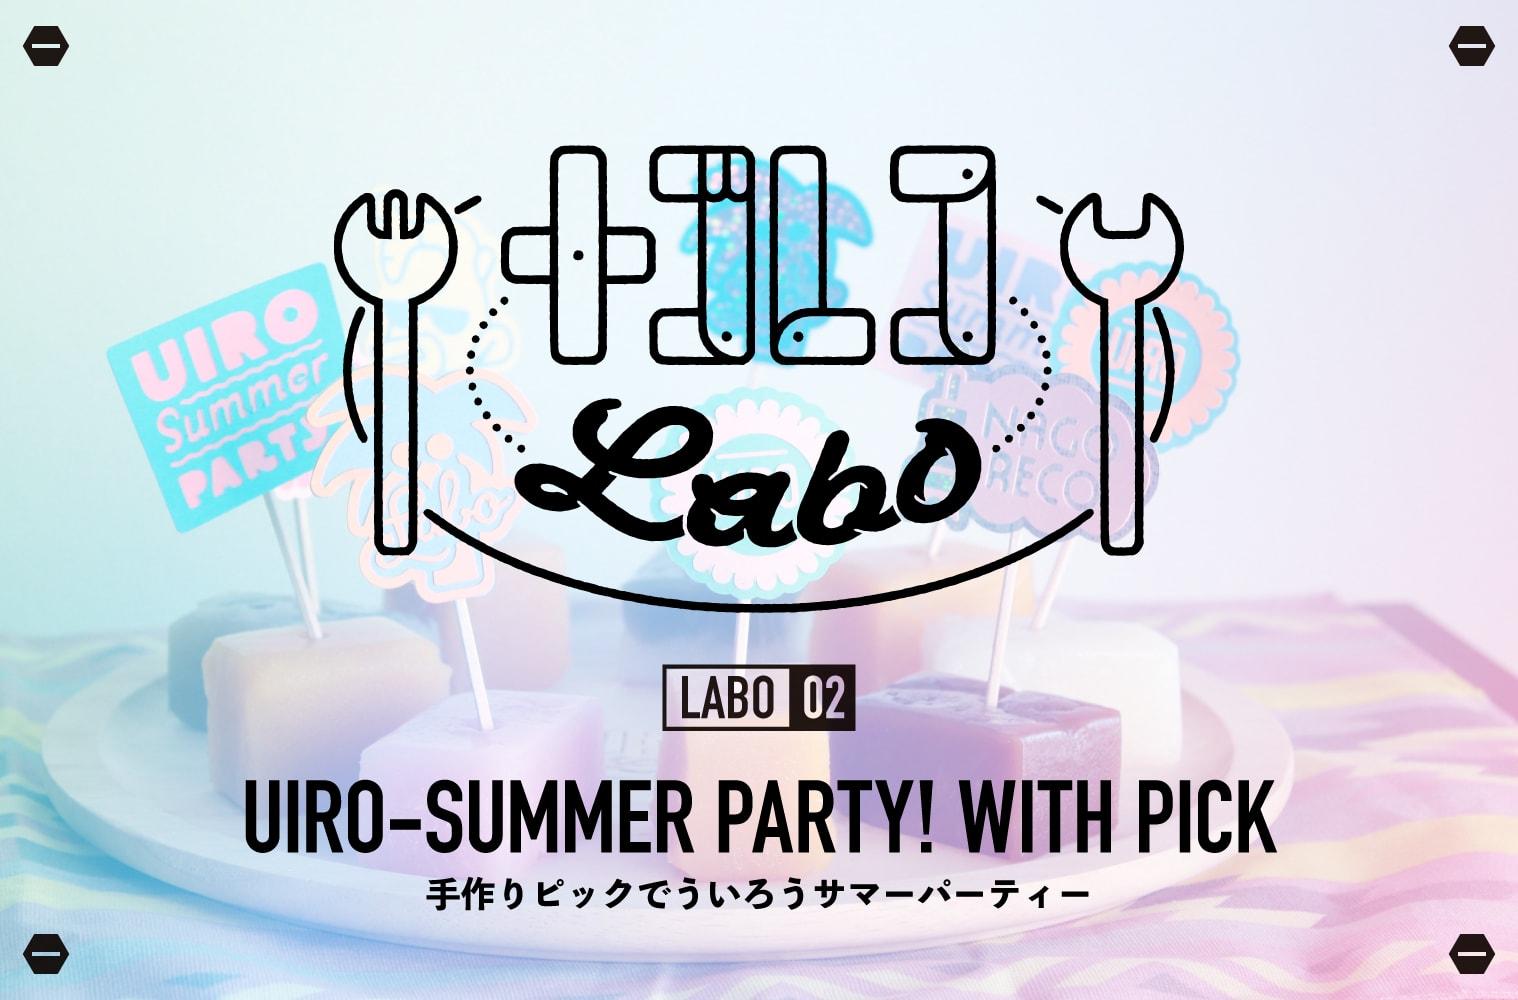 ナゴレコLABO|02:手作りピックでういろうサマーパーティー